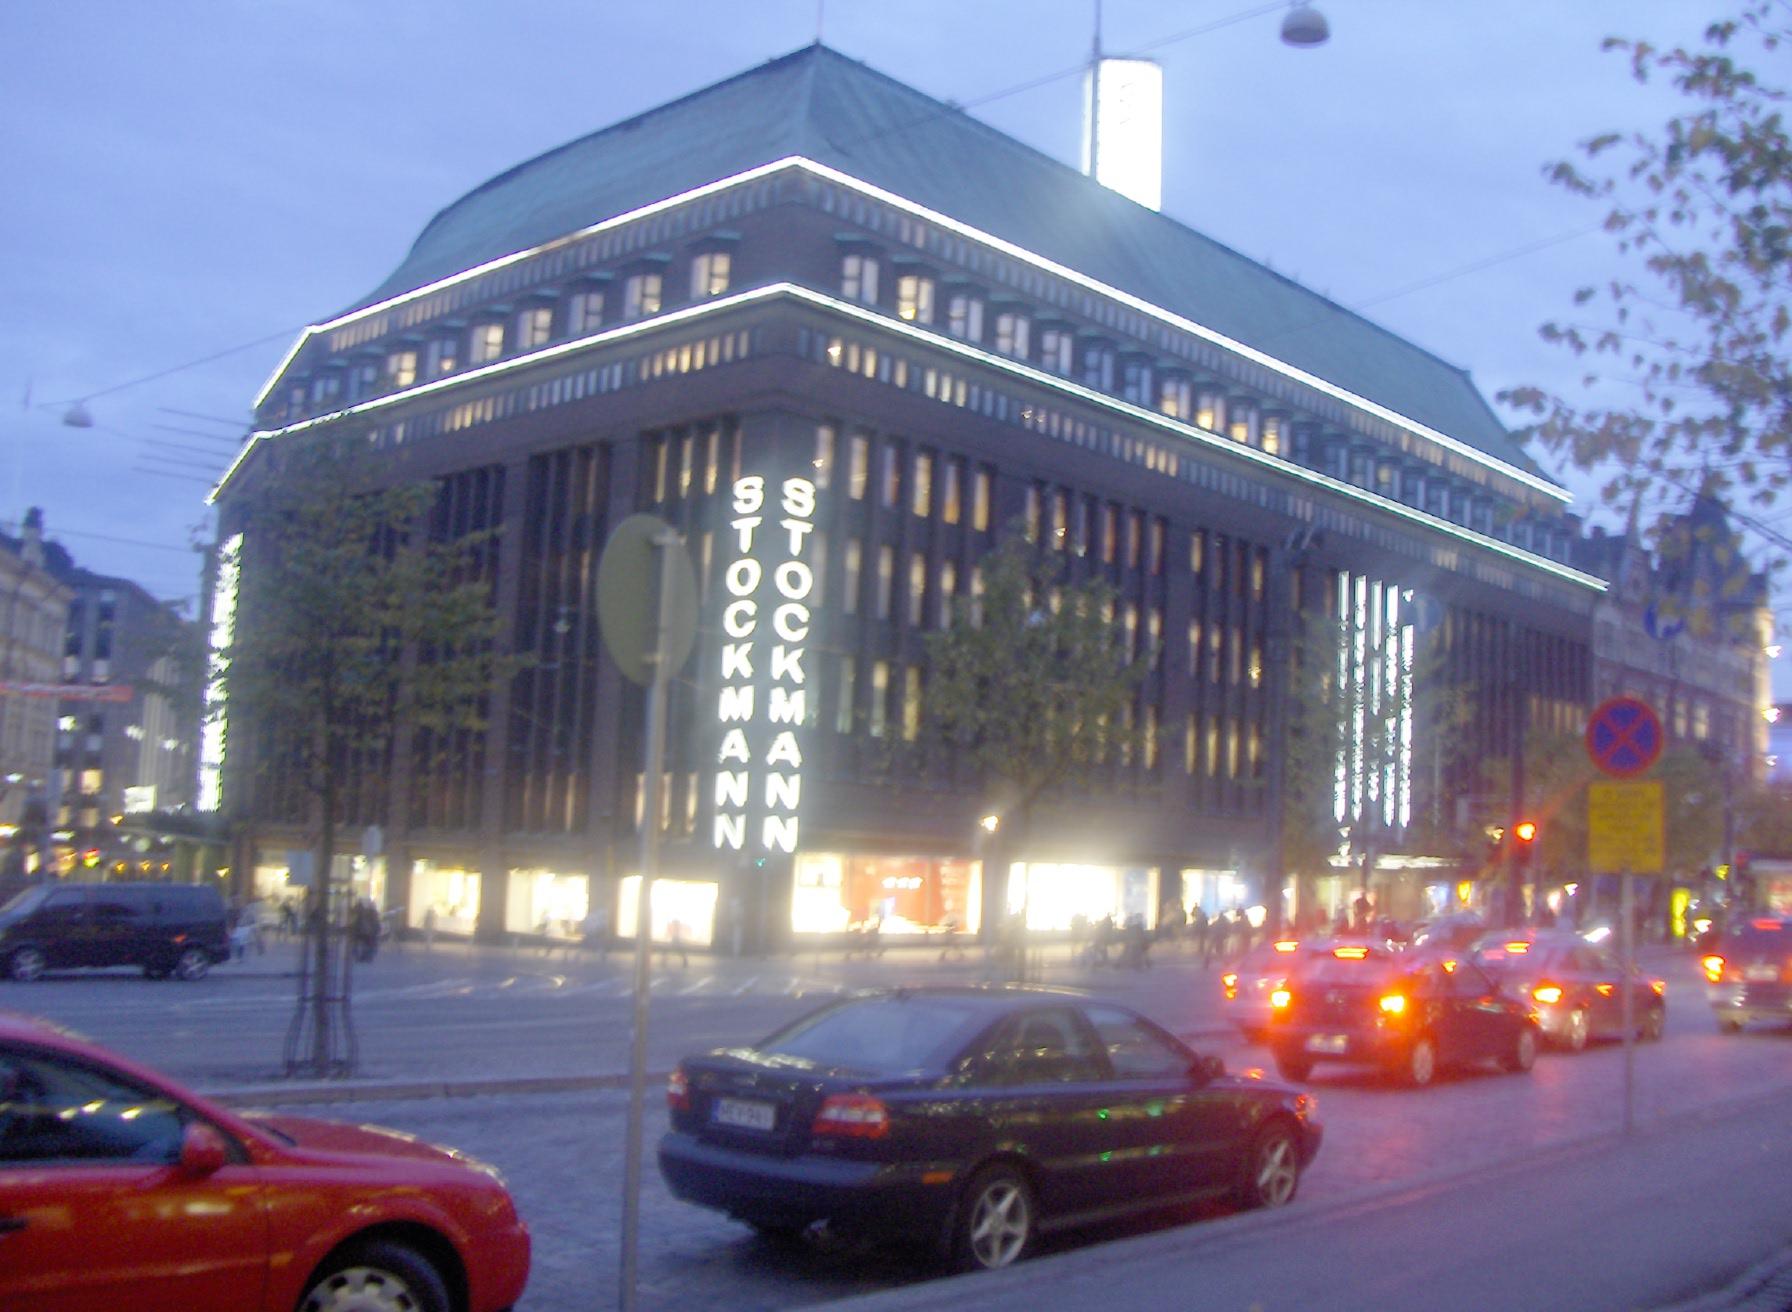 Stockmann Helsinki Laukut : File stockmann helsinki y?ll? g wikimedia commons